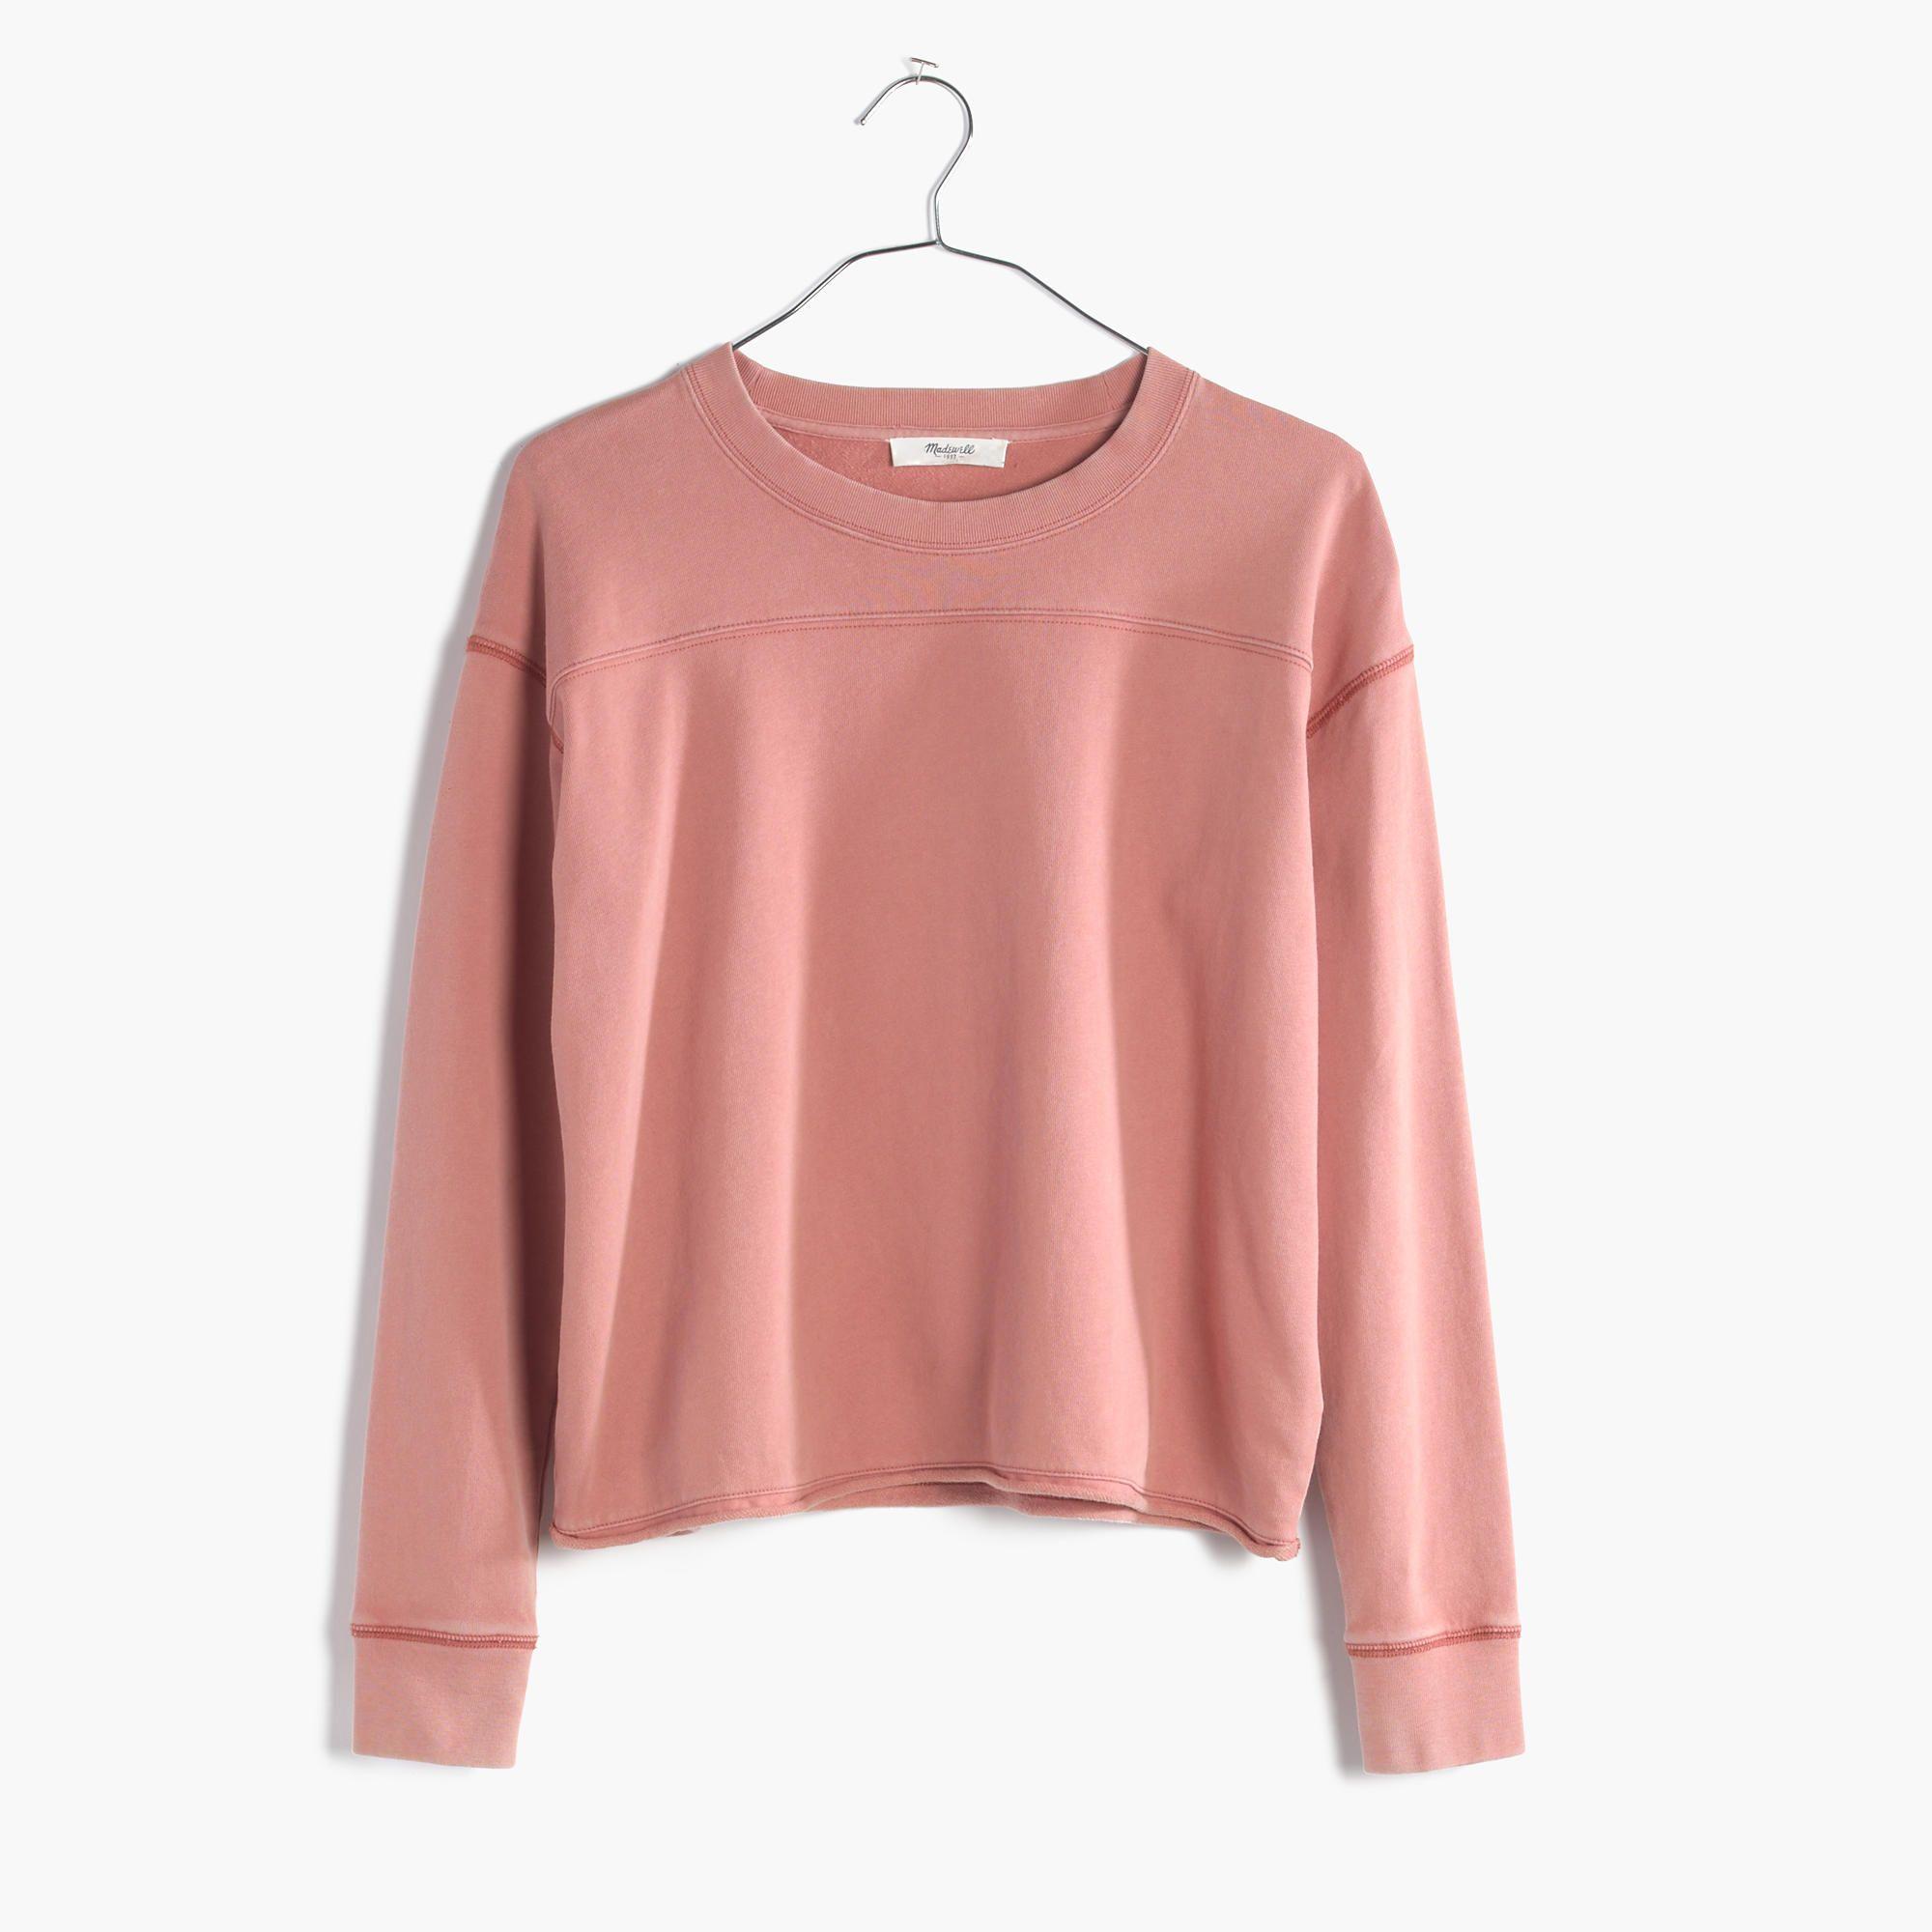 Cutoff Sweatshirt : shop all tees | Madewell